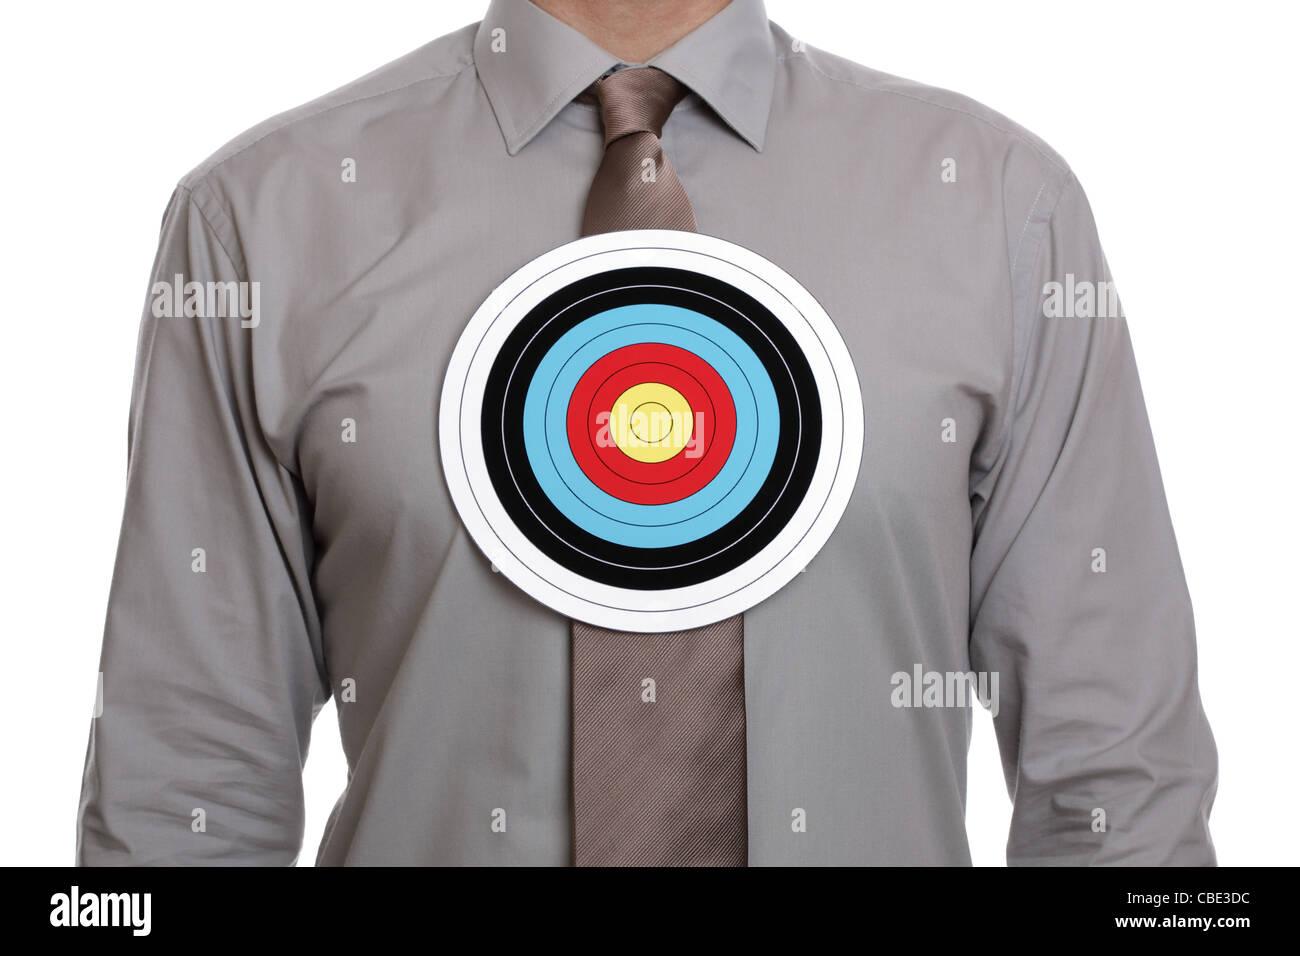 Symbole de cible sur la poitrine d'affaires Photo Stock